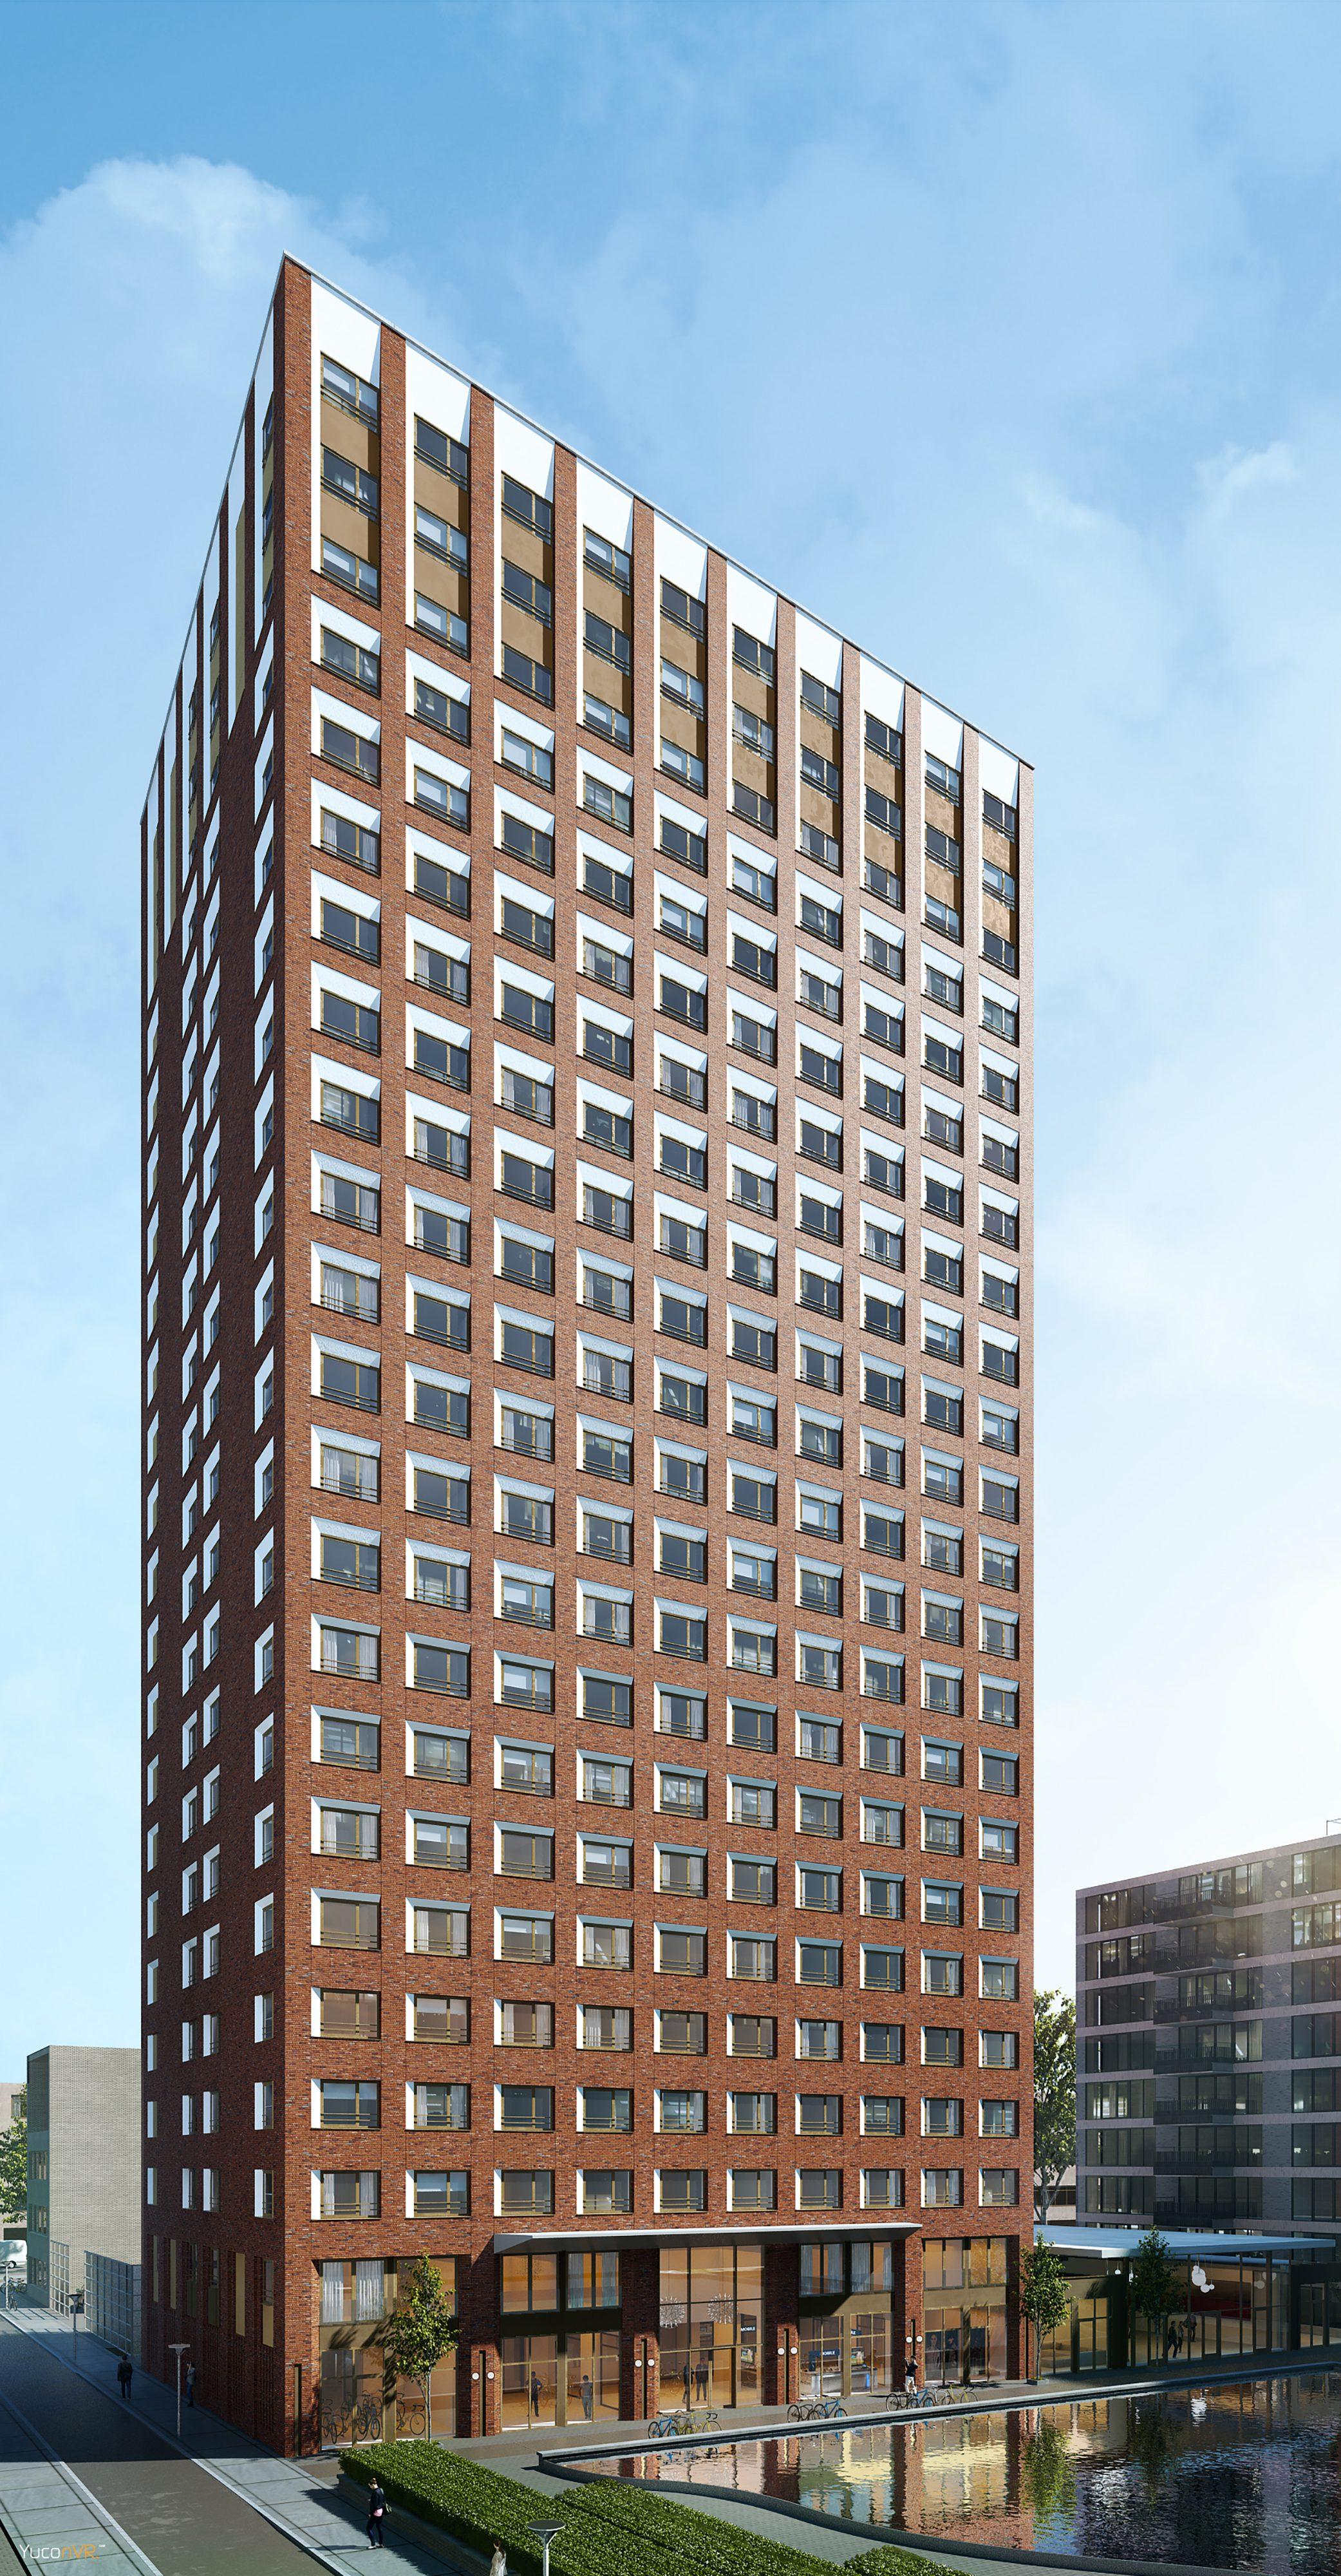 Nieuwbouw 481 studentenwoningen in Den Haag